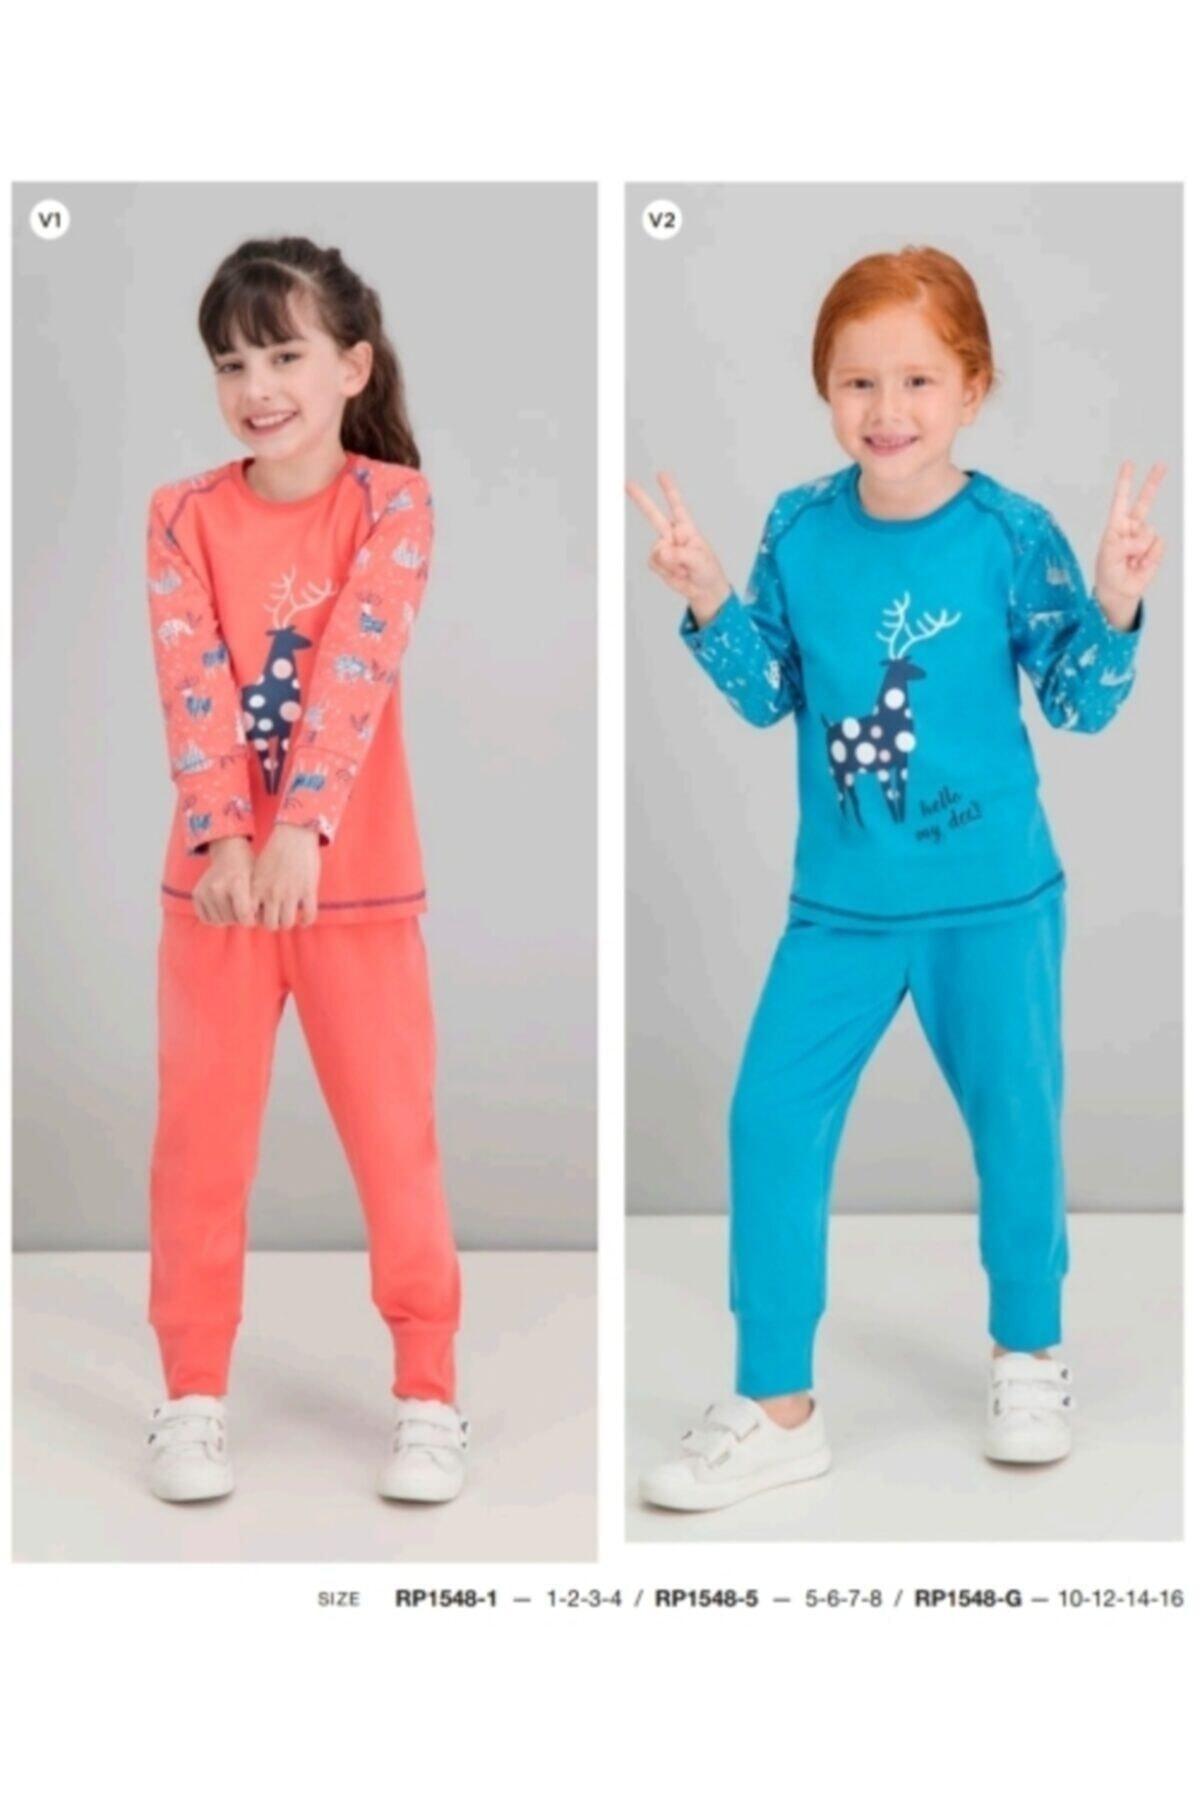 ROLY POLY Kız Çocuk Pijama 1548 1